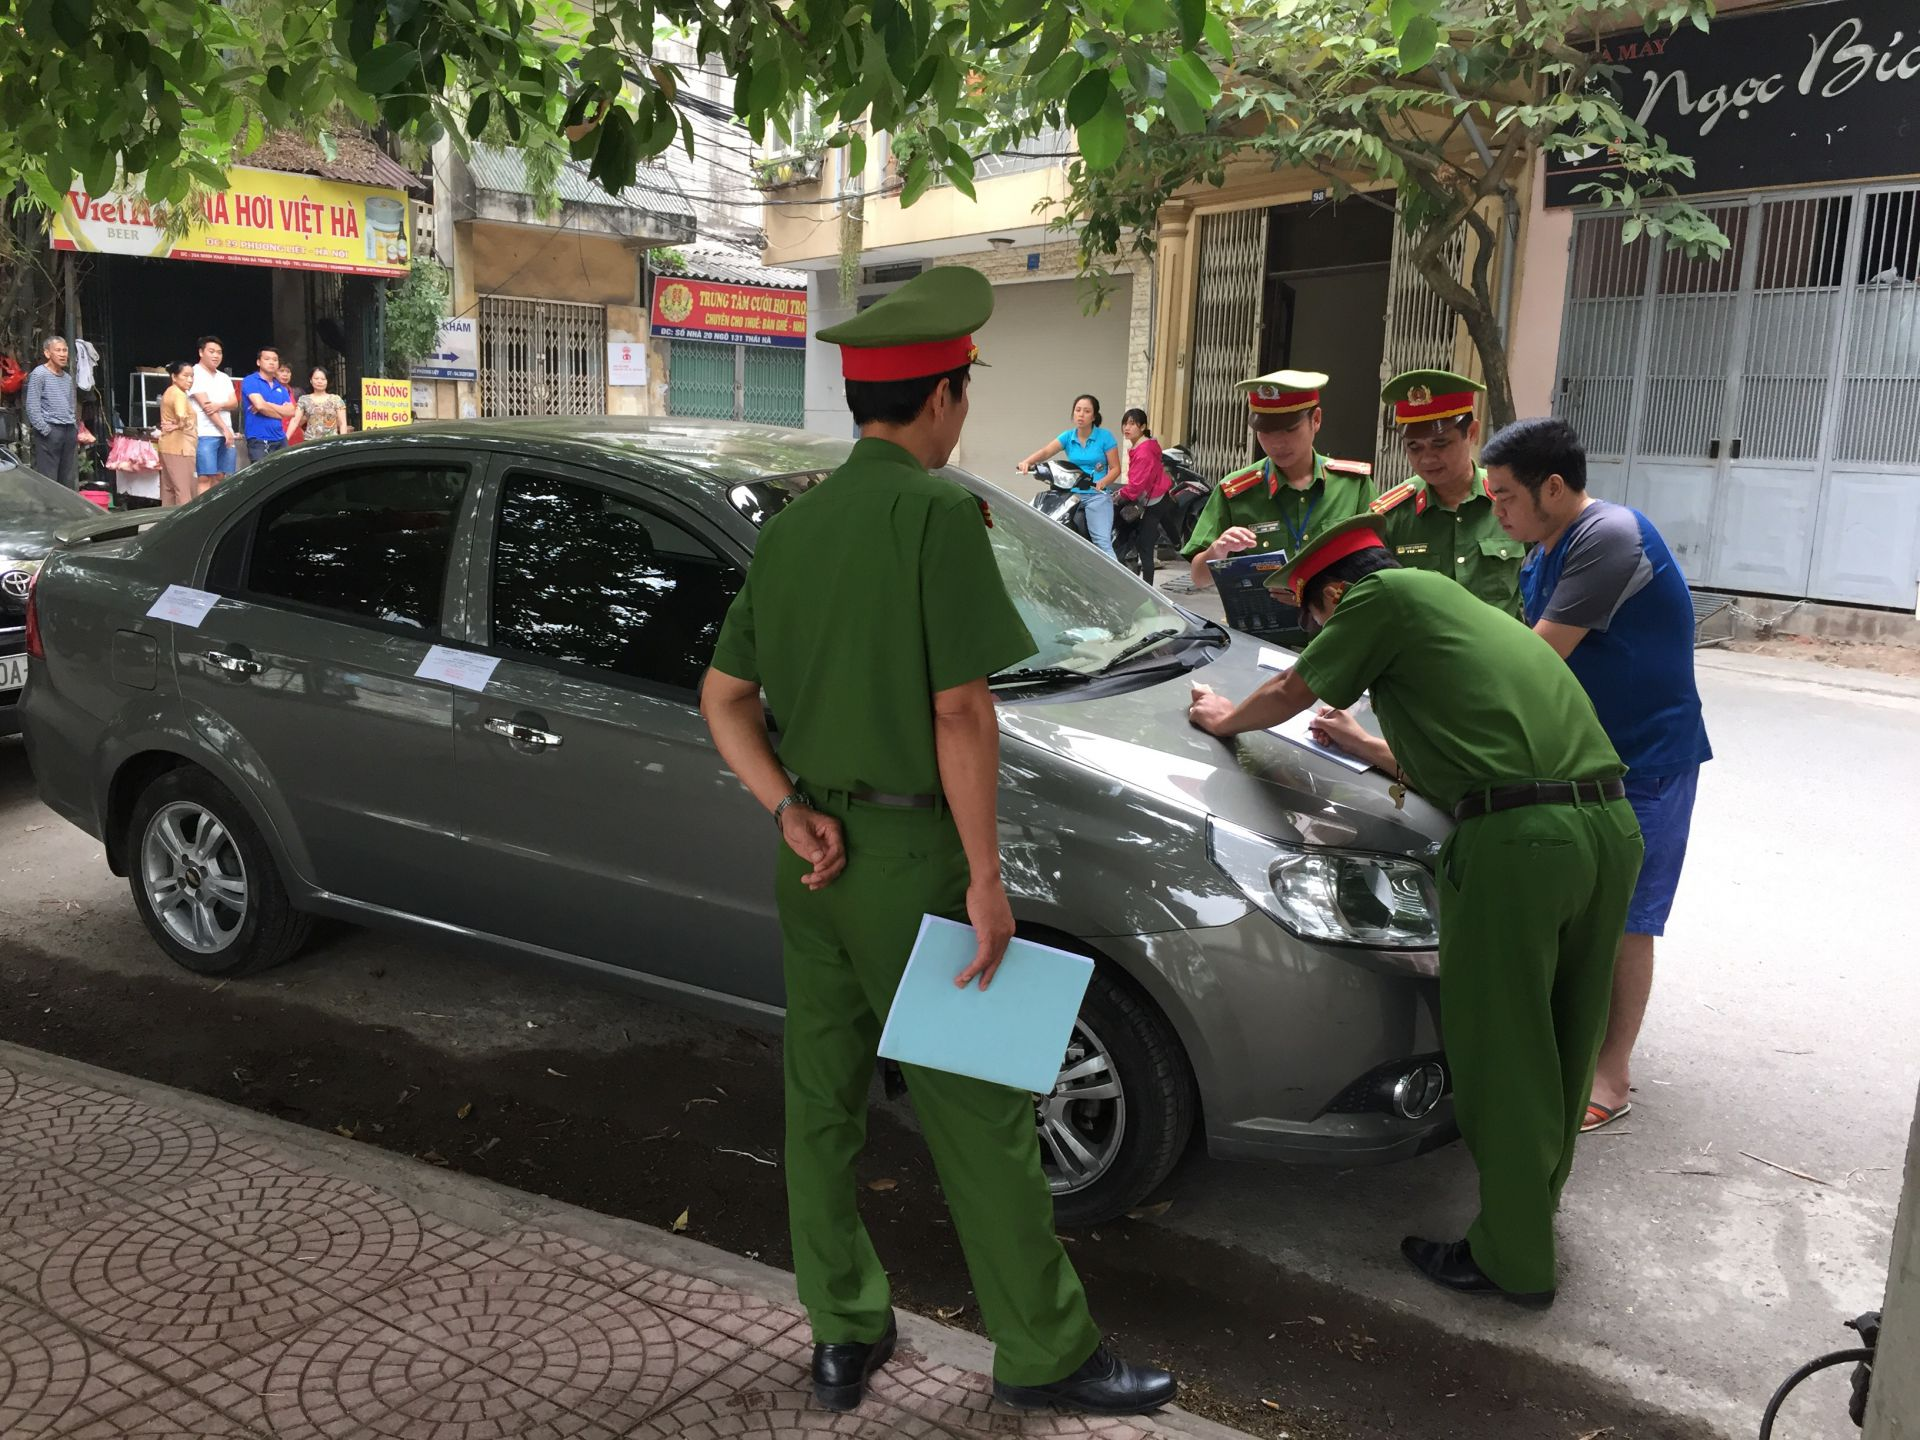 Mức xử phạt khi mắc lỗi ô tô dừng đỗ xe sai quy định